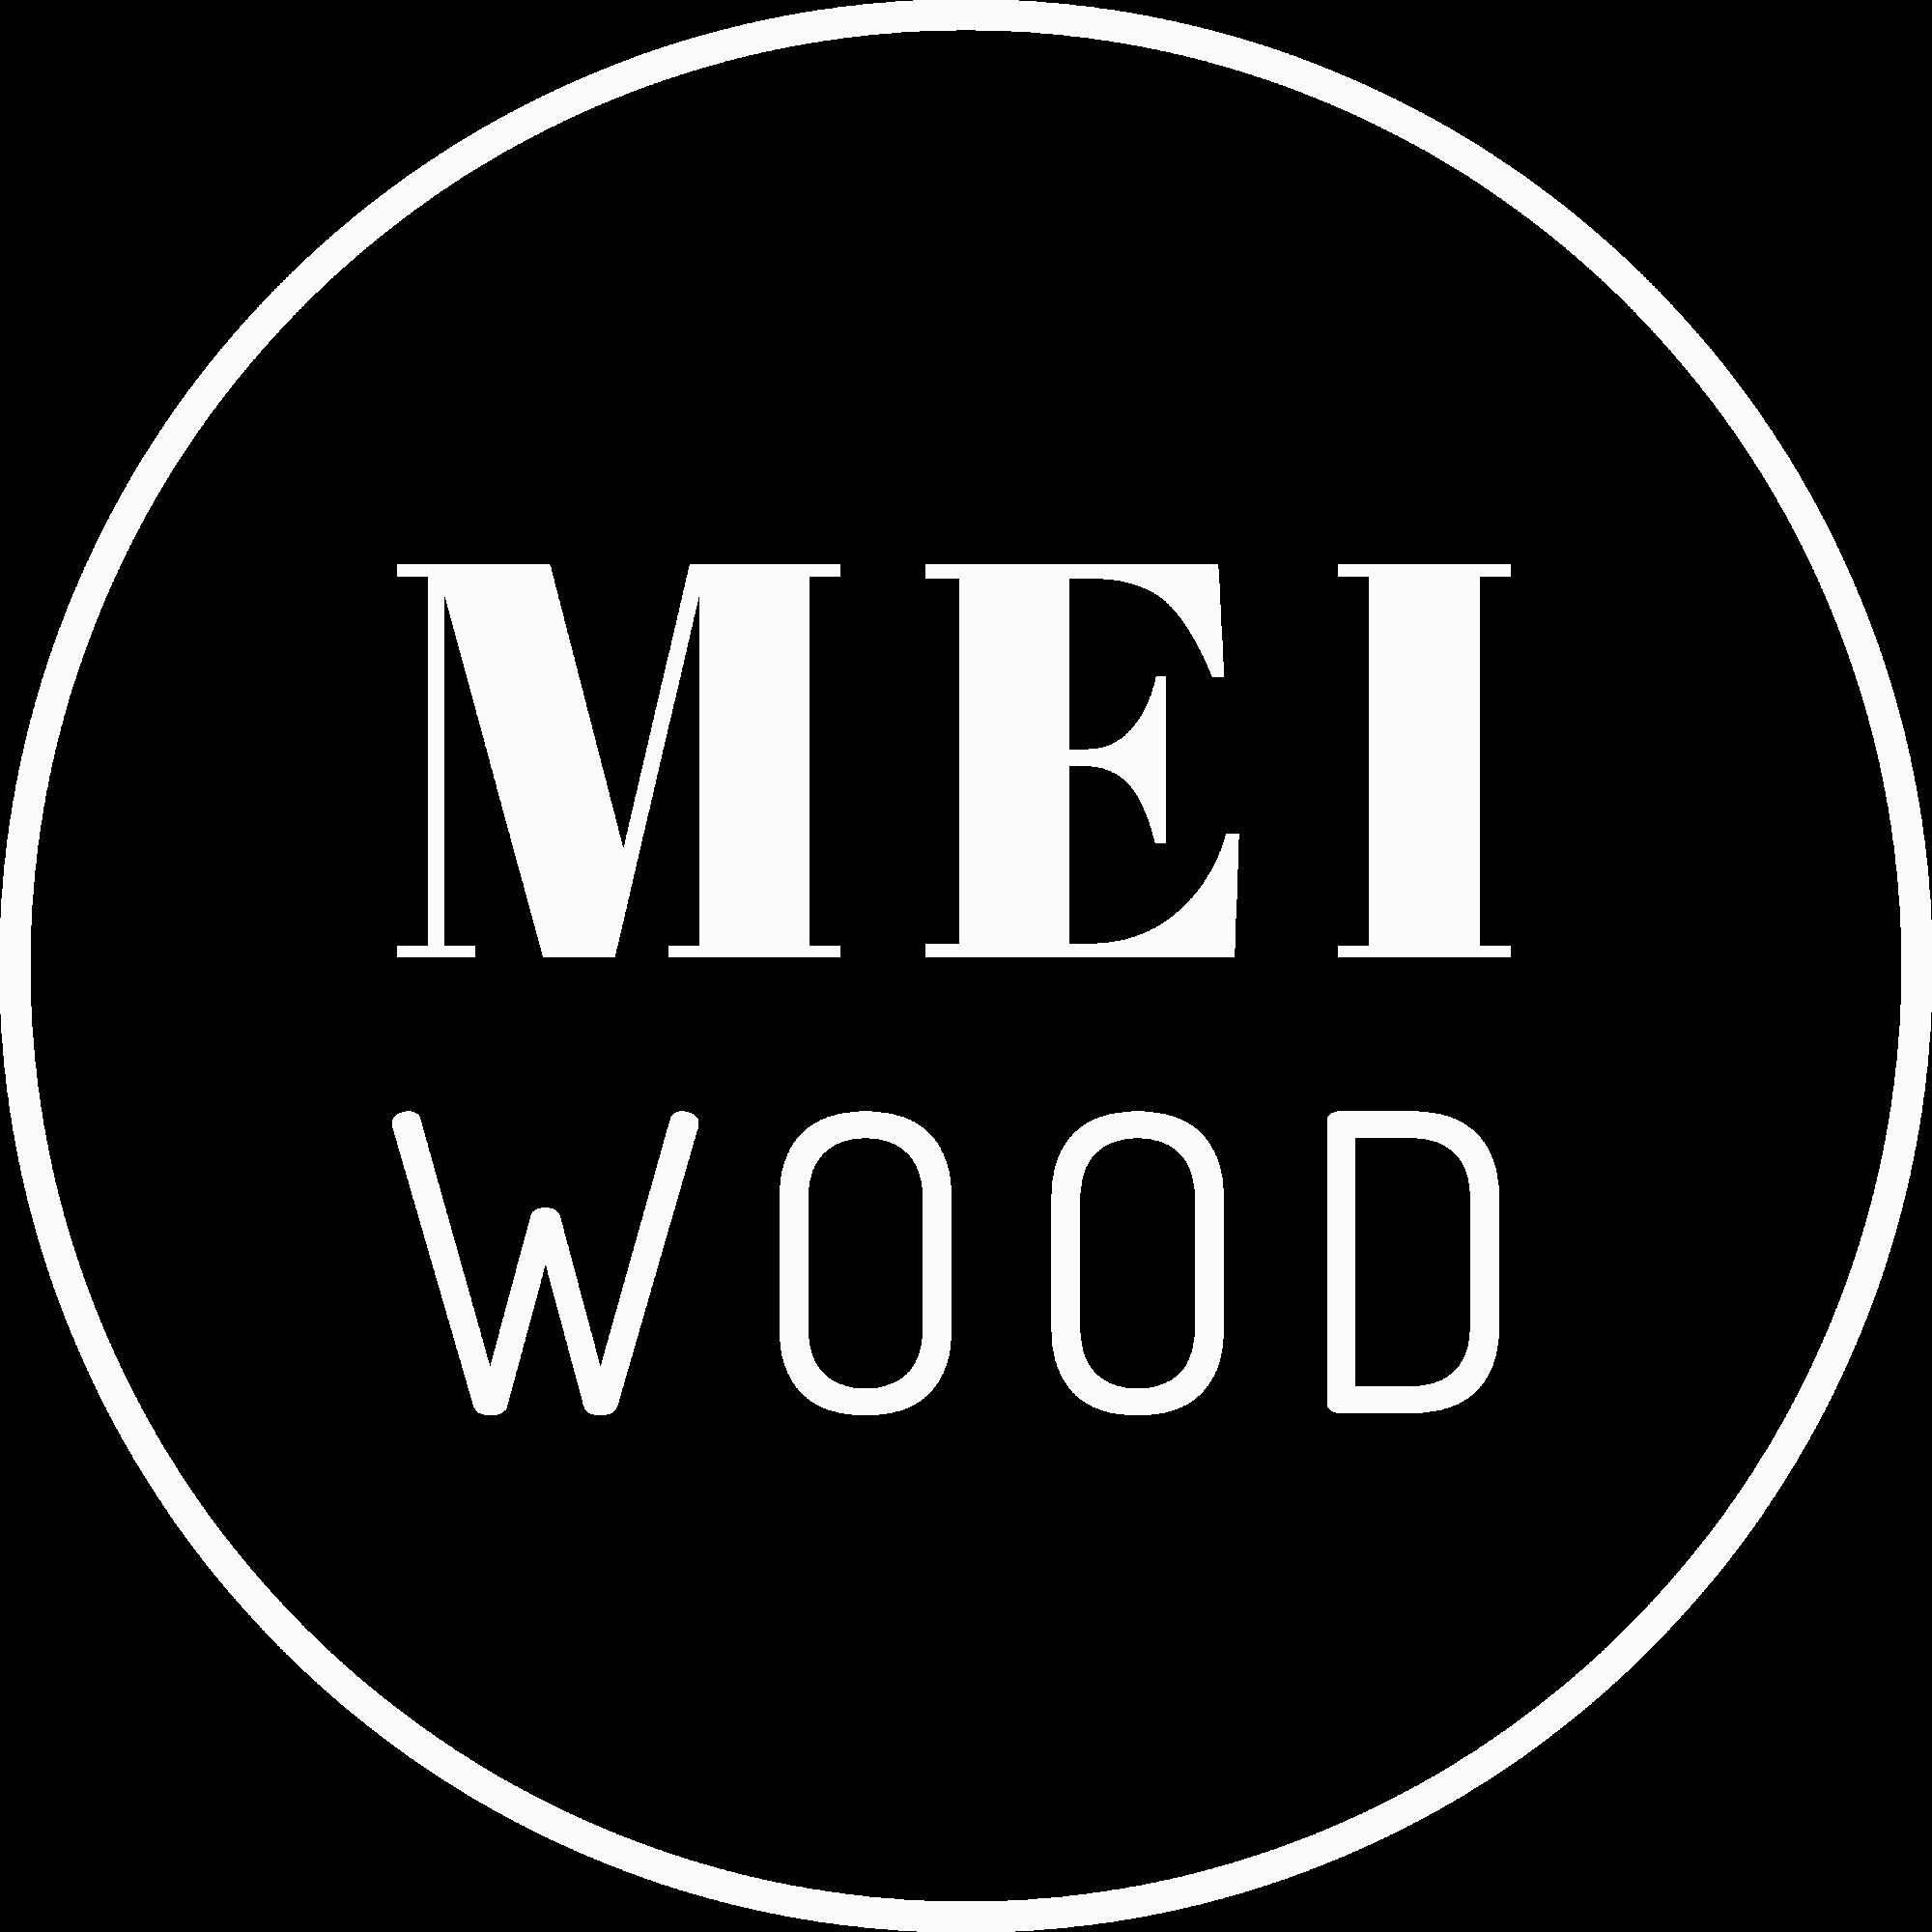 MEI WOOD